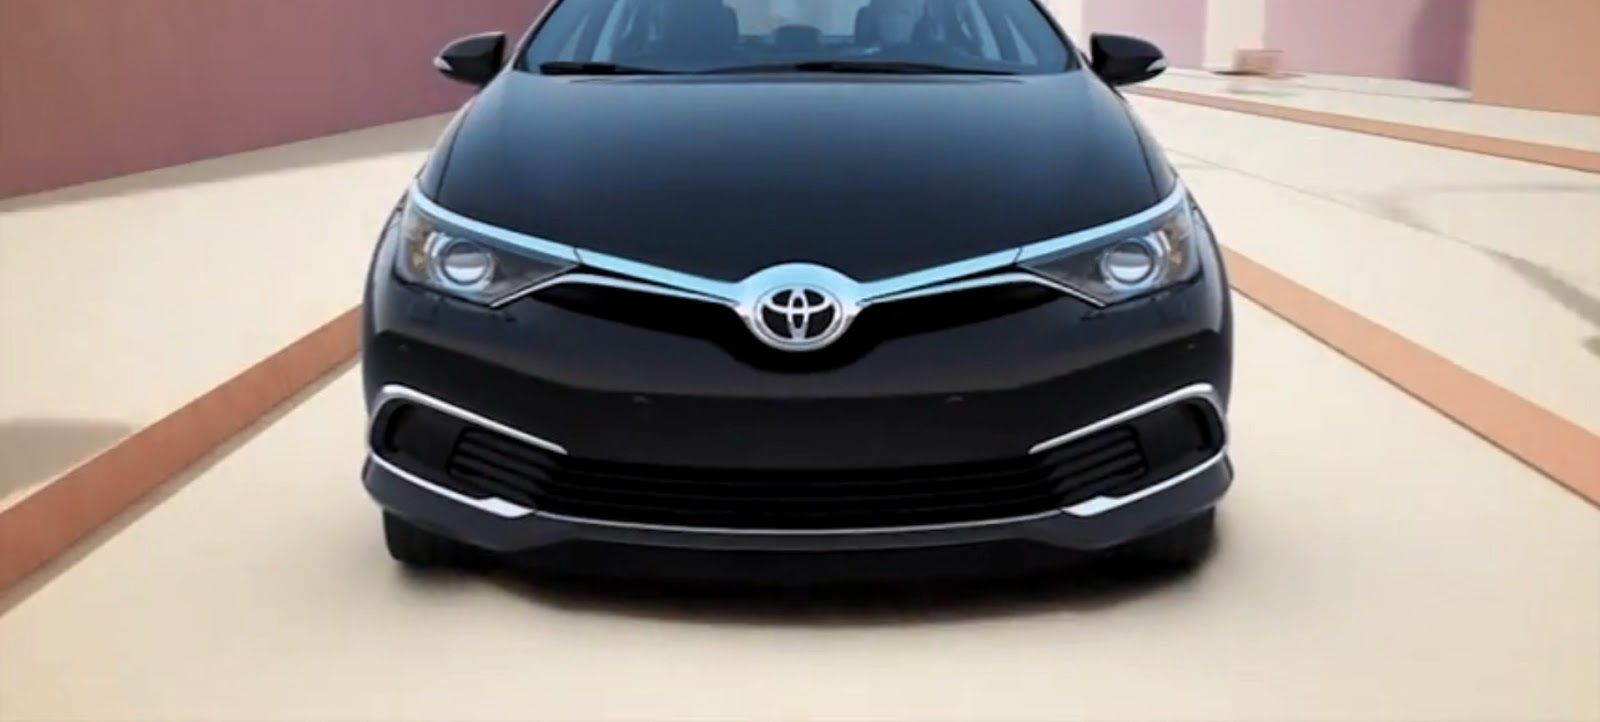 السيارة الجديدة تويوتا كورولا 2016